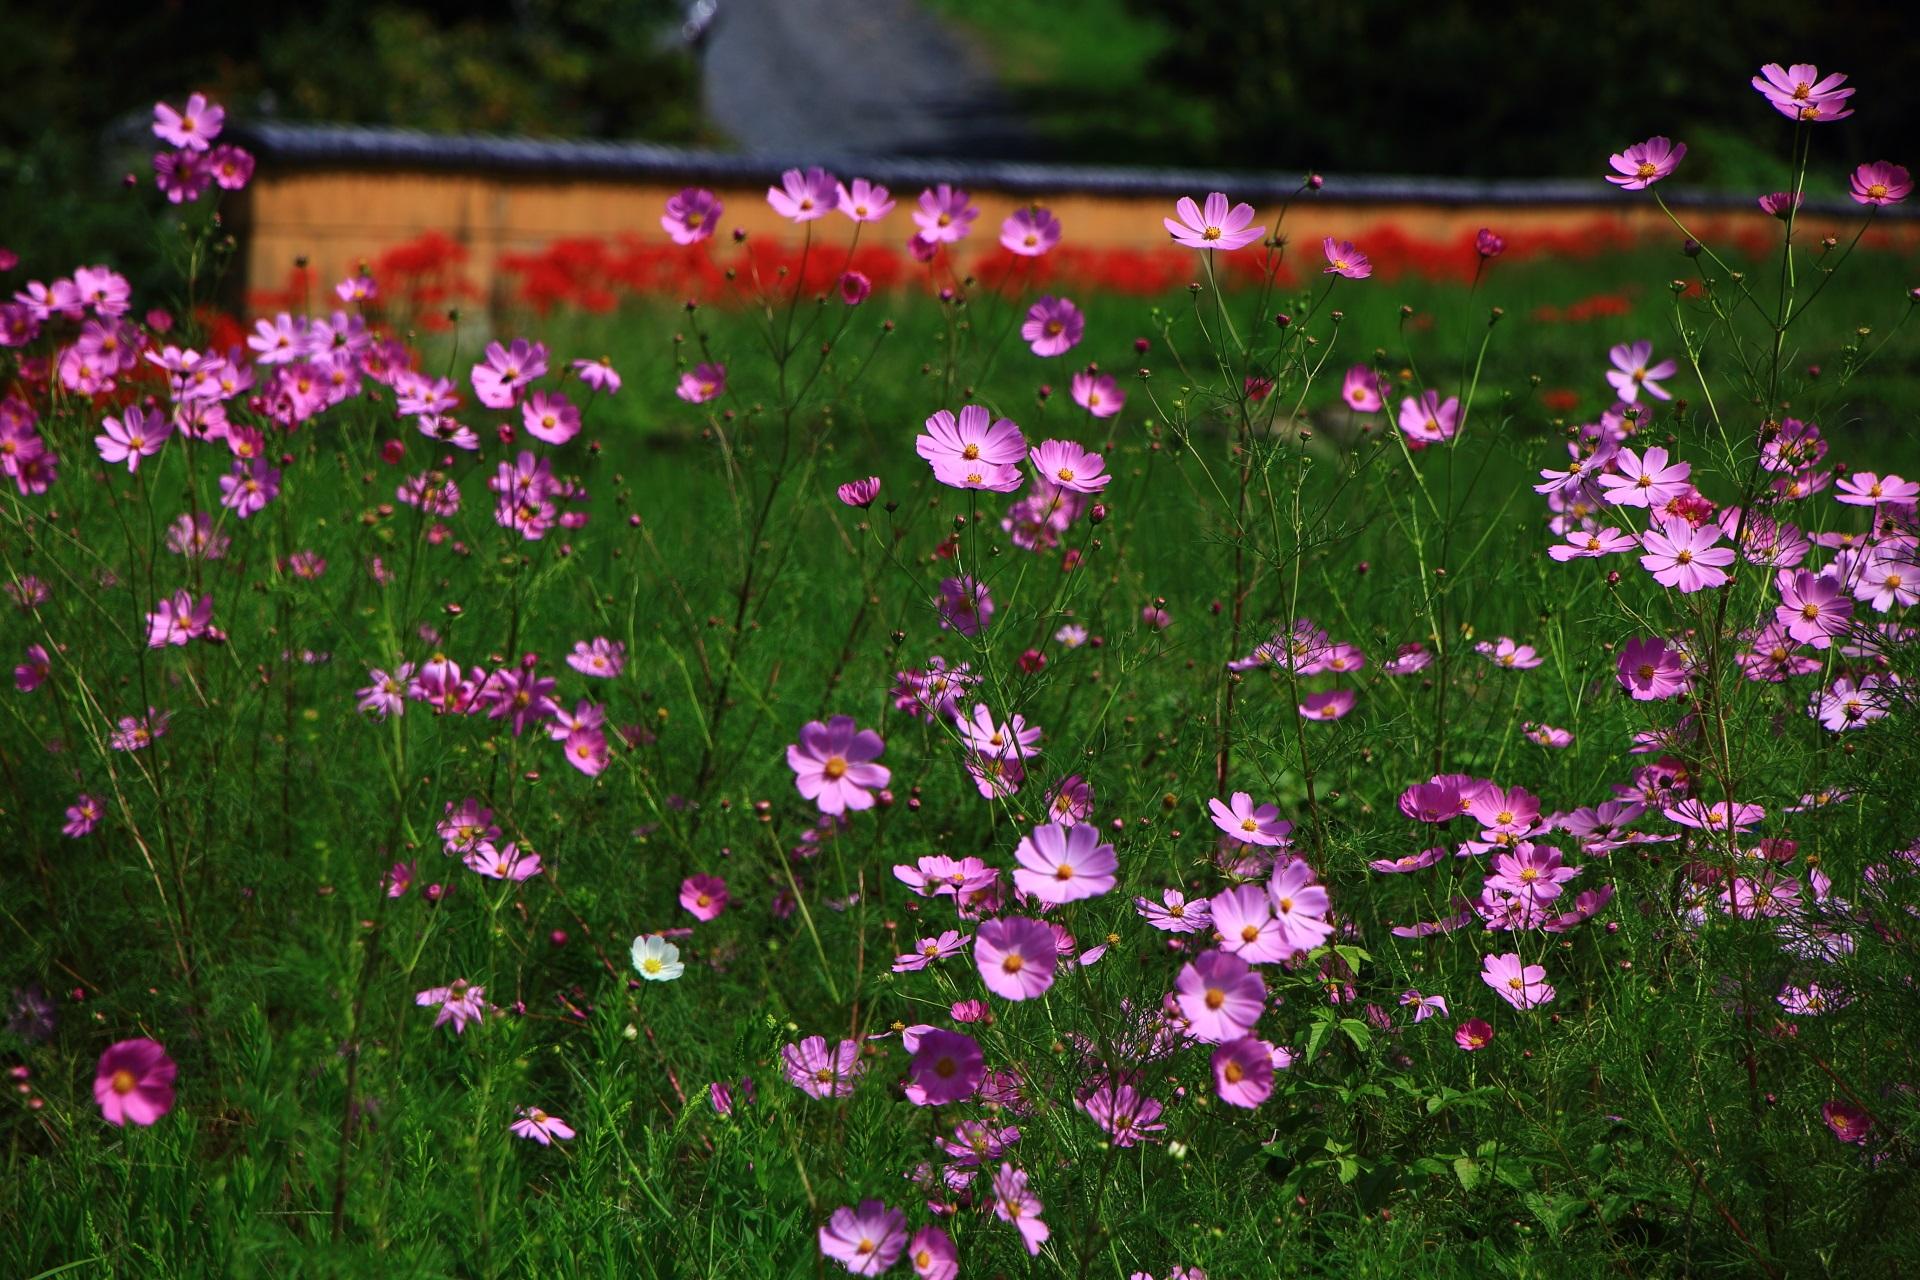 大原の里にたくさん咲く薄紫のコスモス